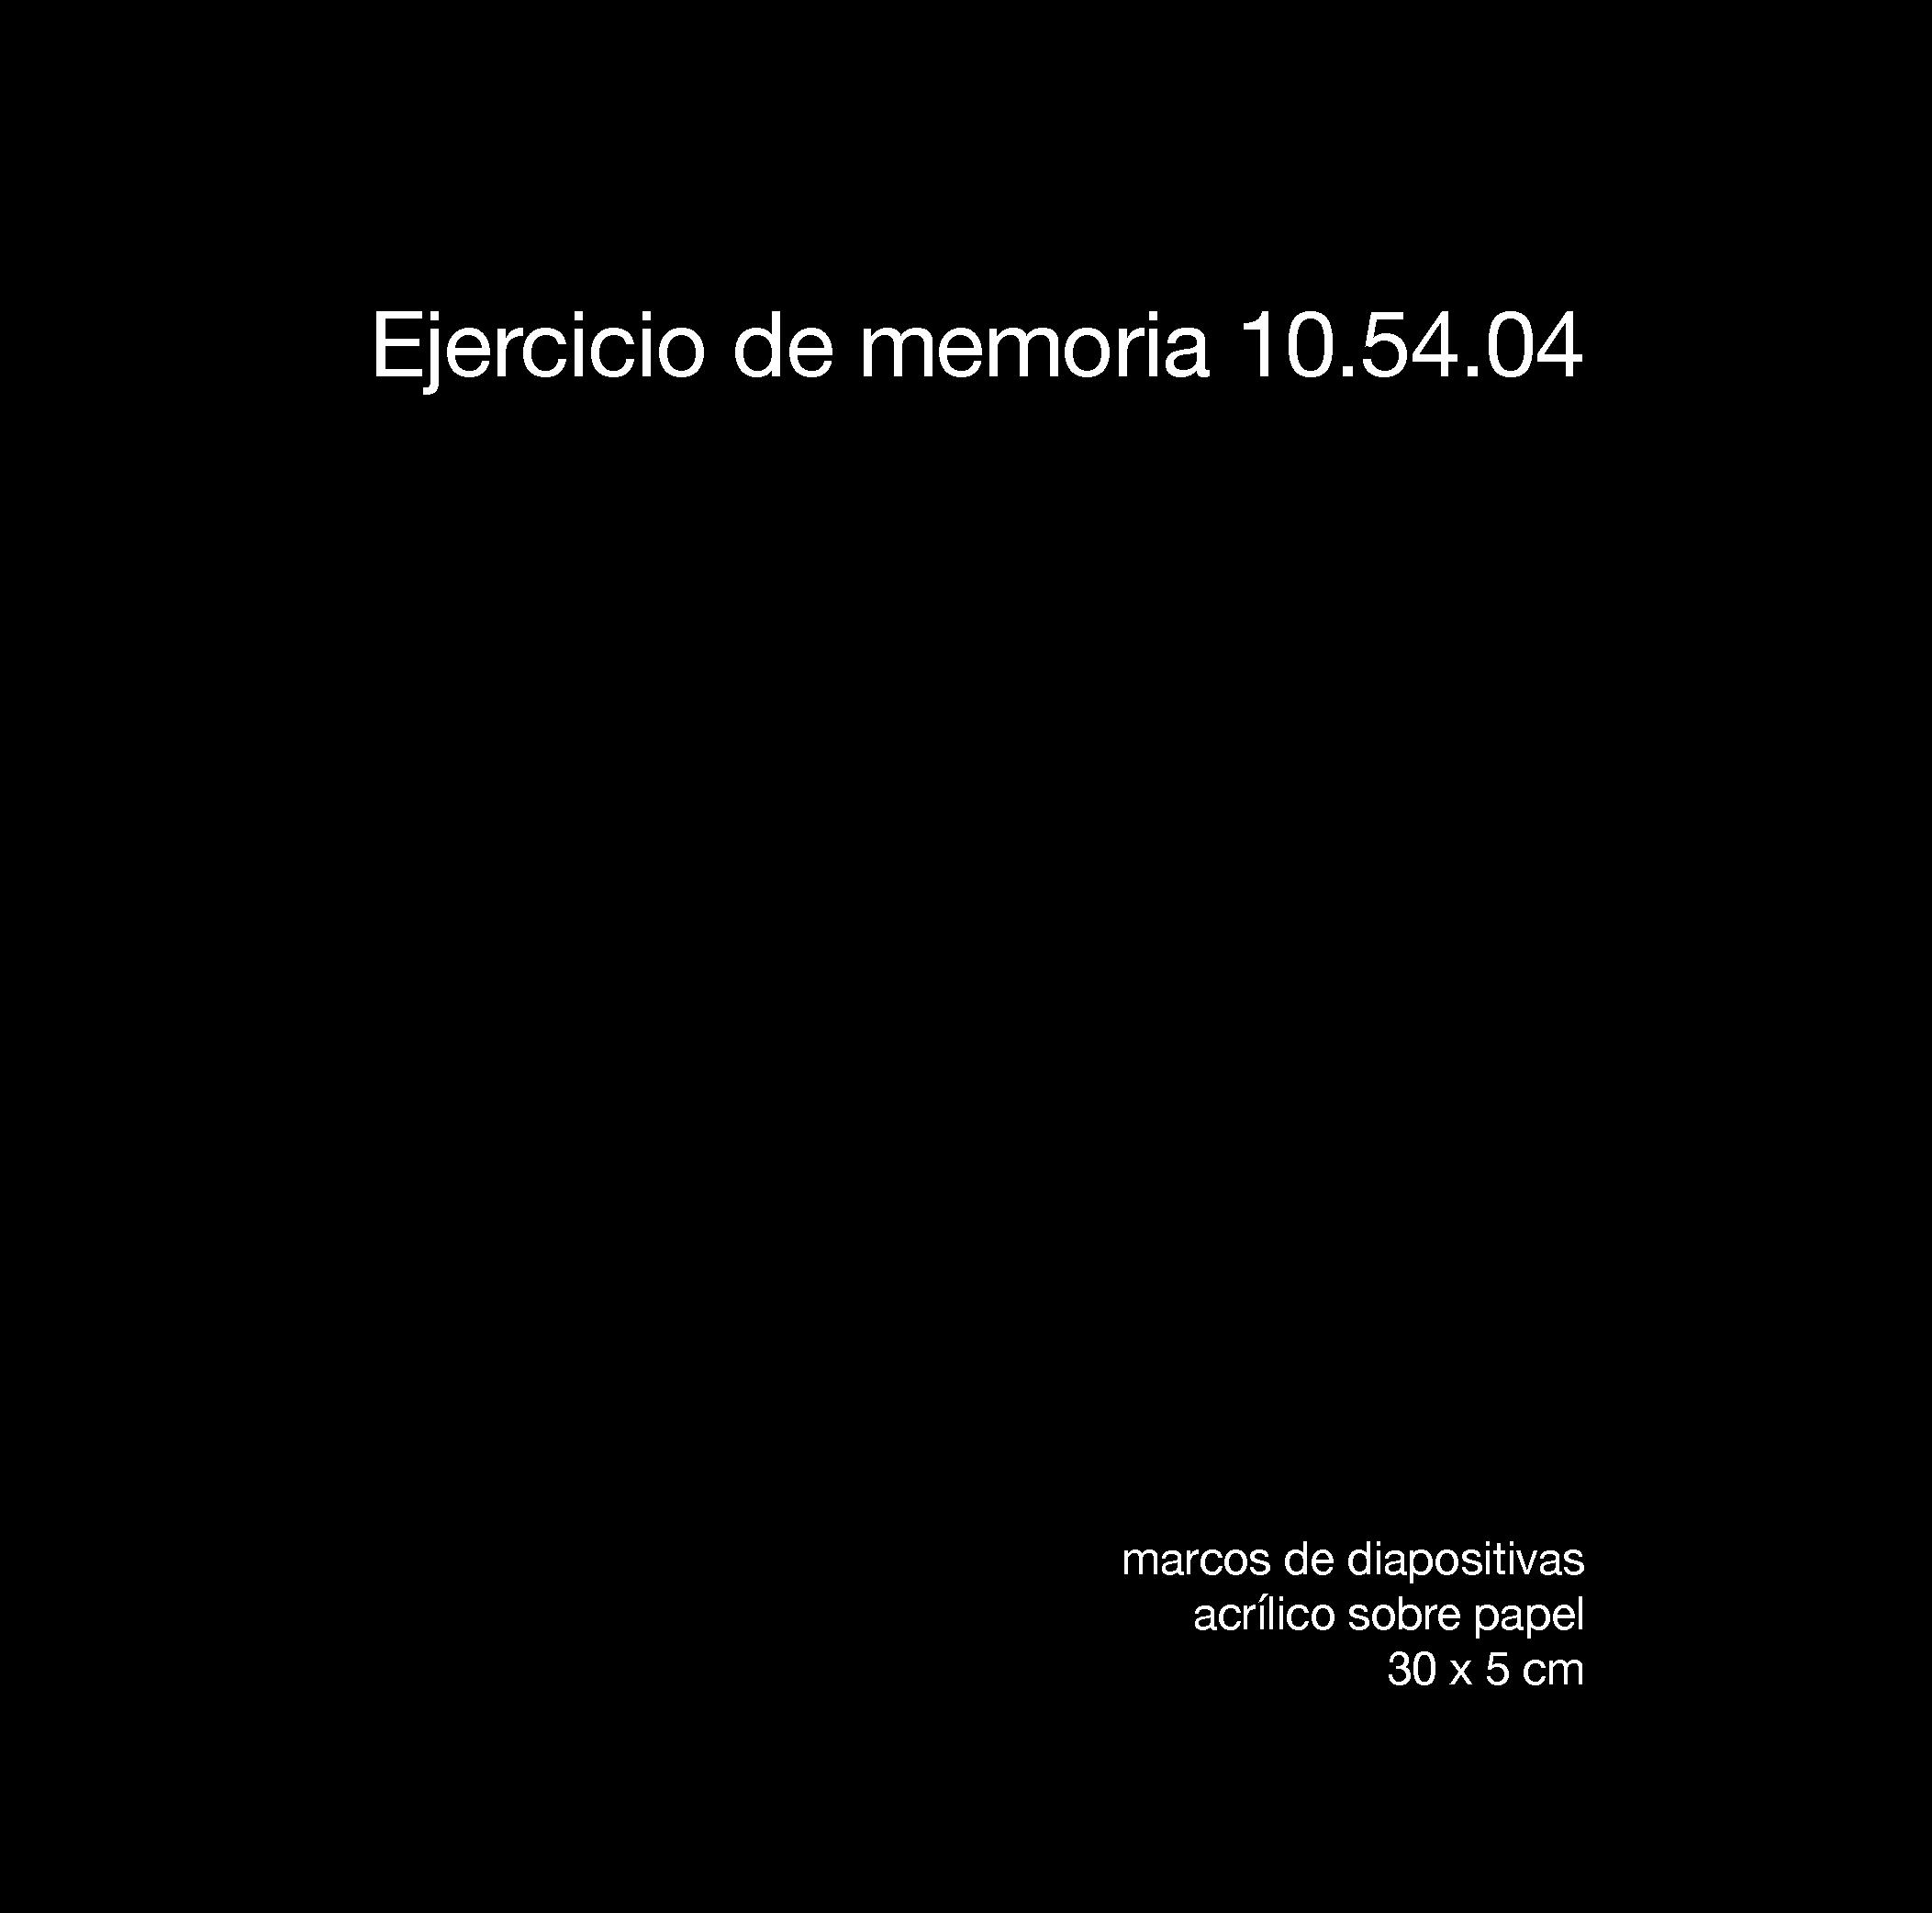 Ejercicio de memoria 10.54.04 titulo.jpg